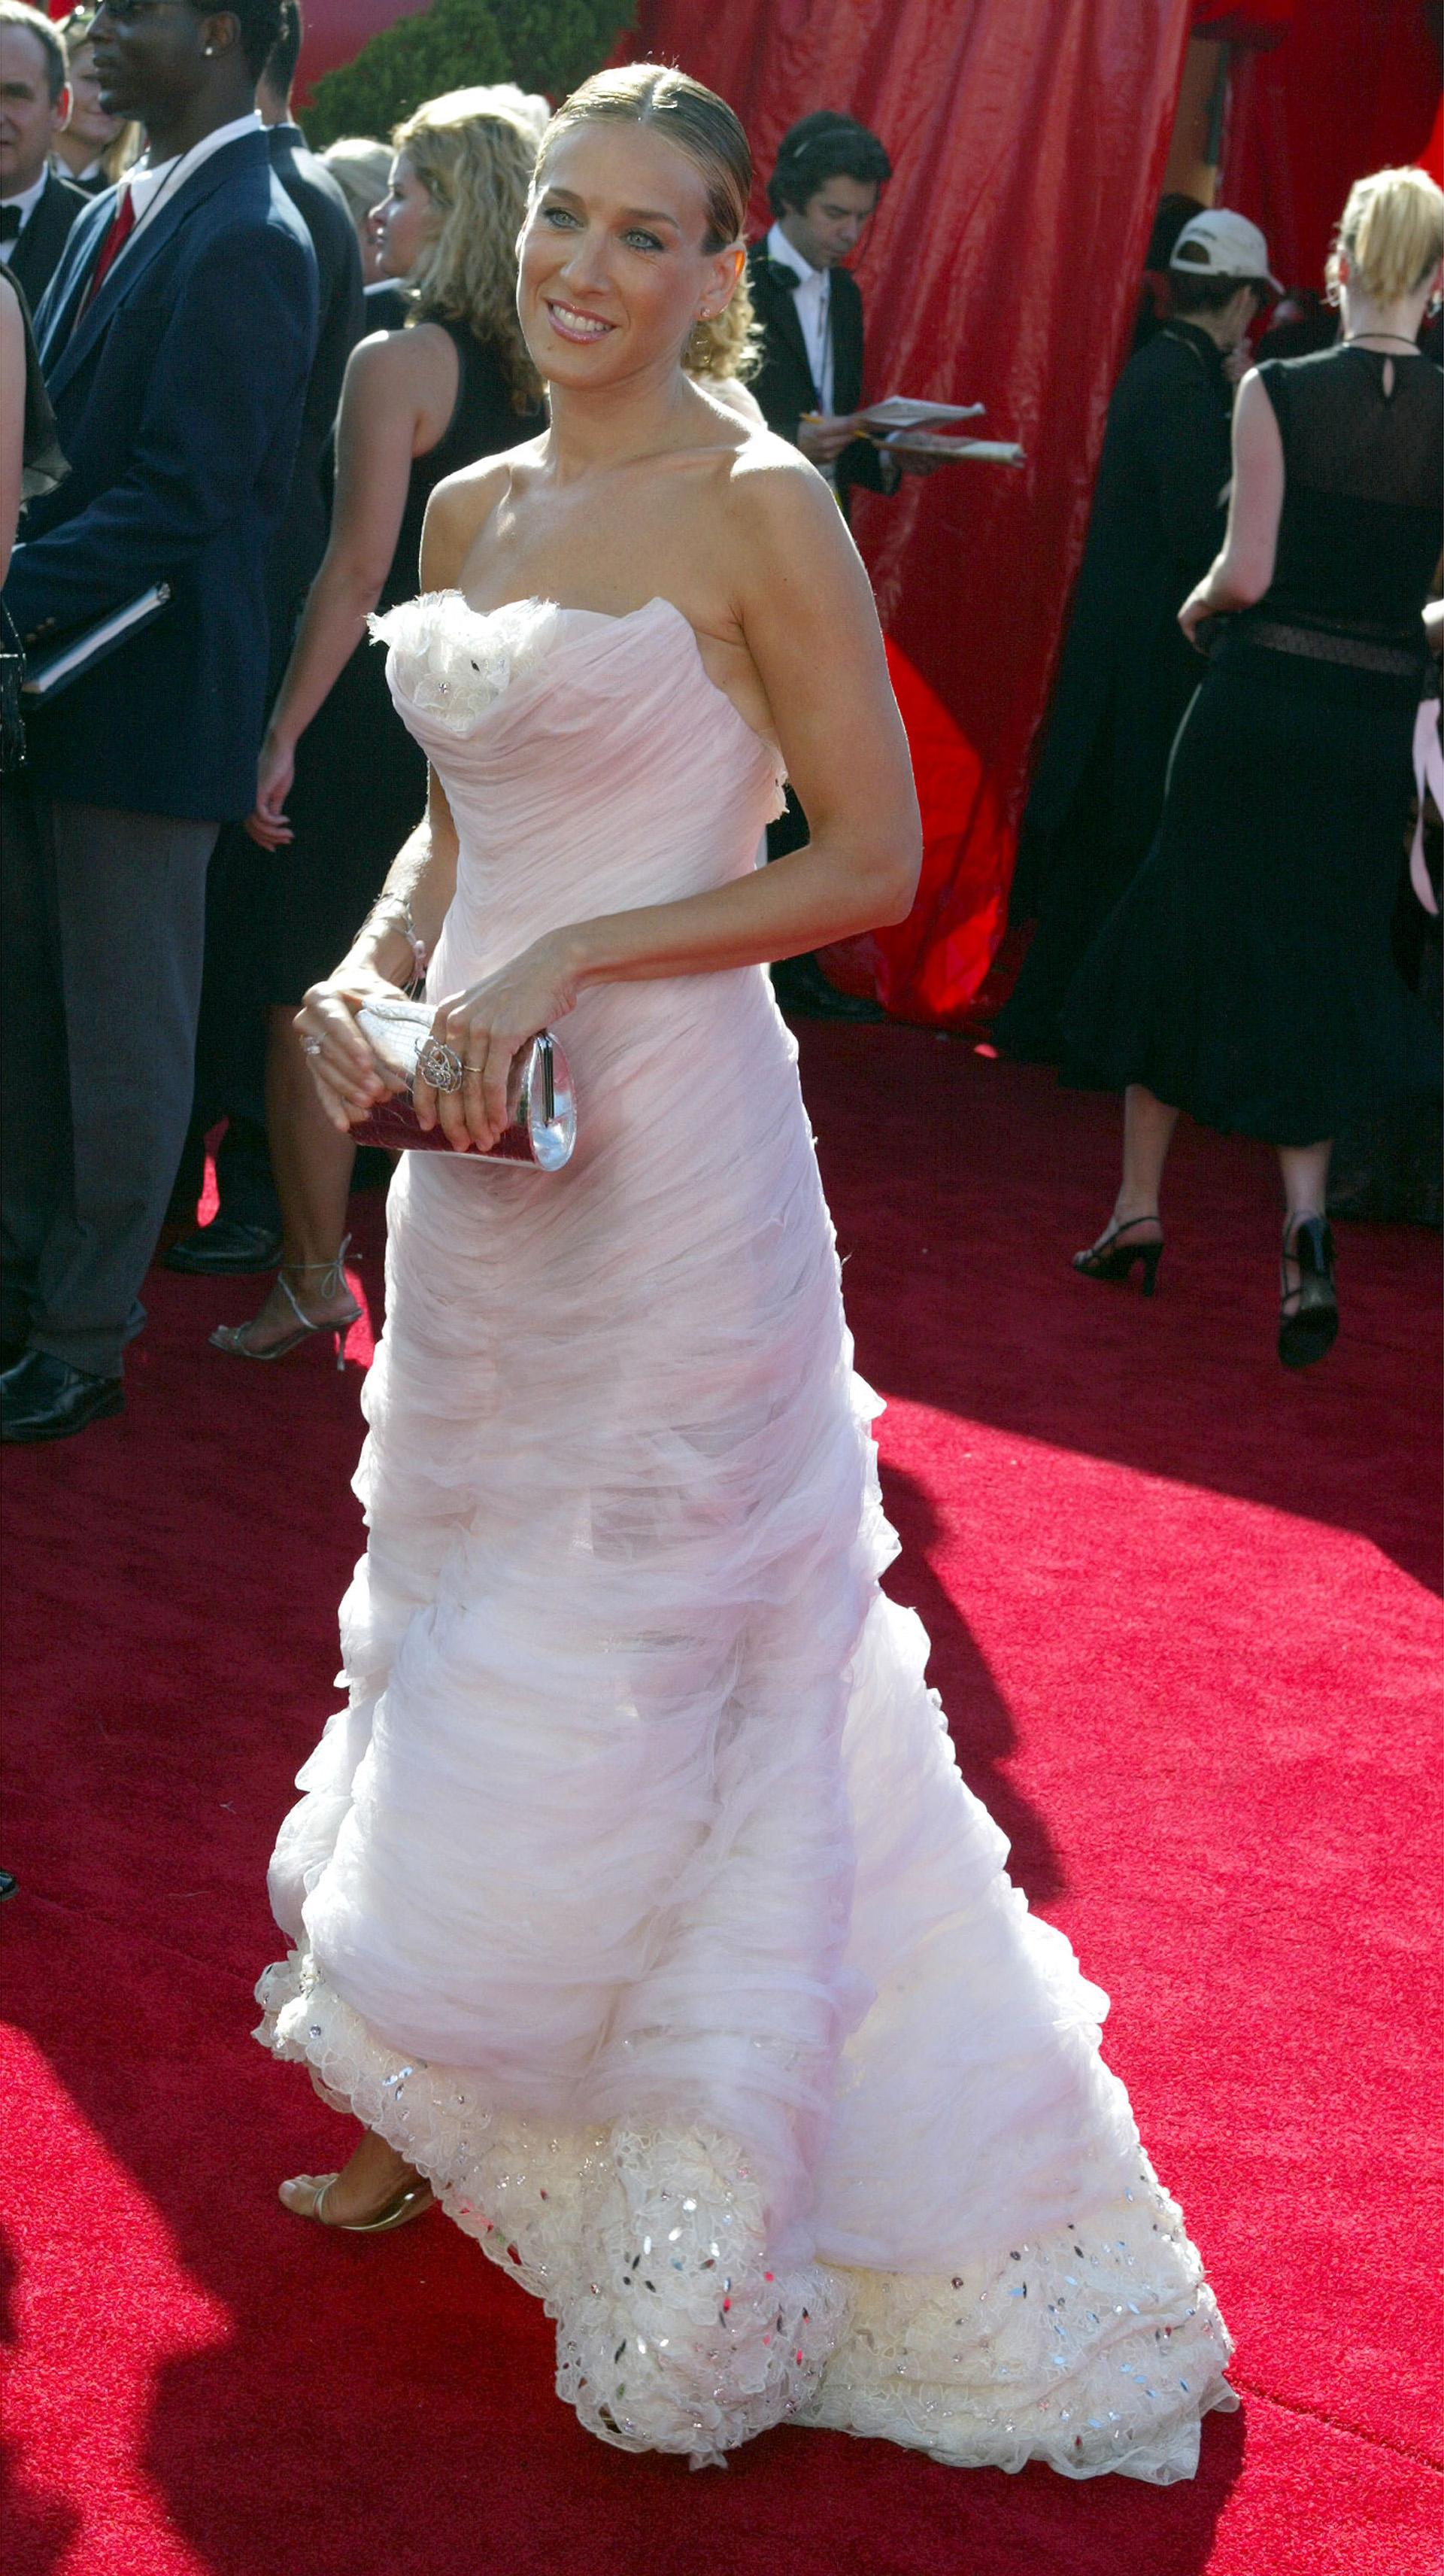 En 2003, Sarah Jessica Parker fue distinguida entre las mujeres más elegantes de la alfombra roja con un diseño de Chanel Haute Couture de aires románticos imponiendo tendencia (Kevin Winter/Getty Images)